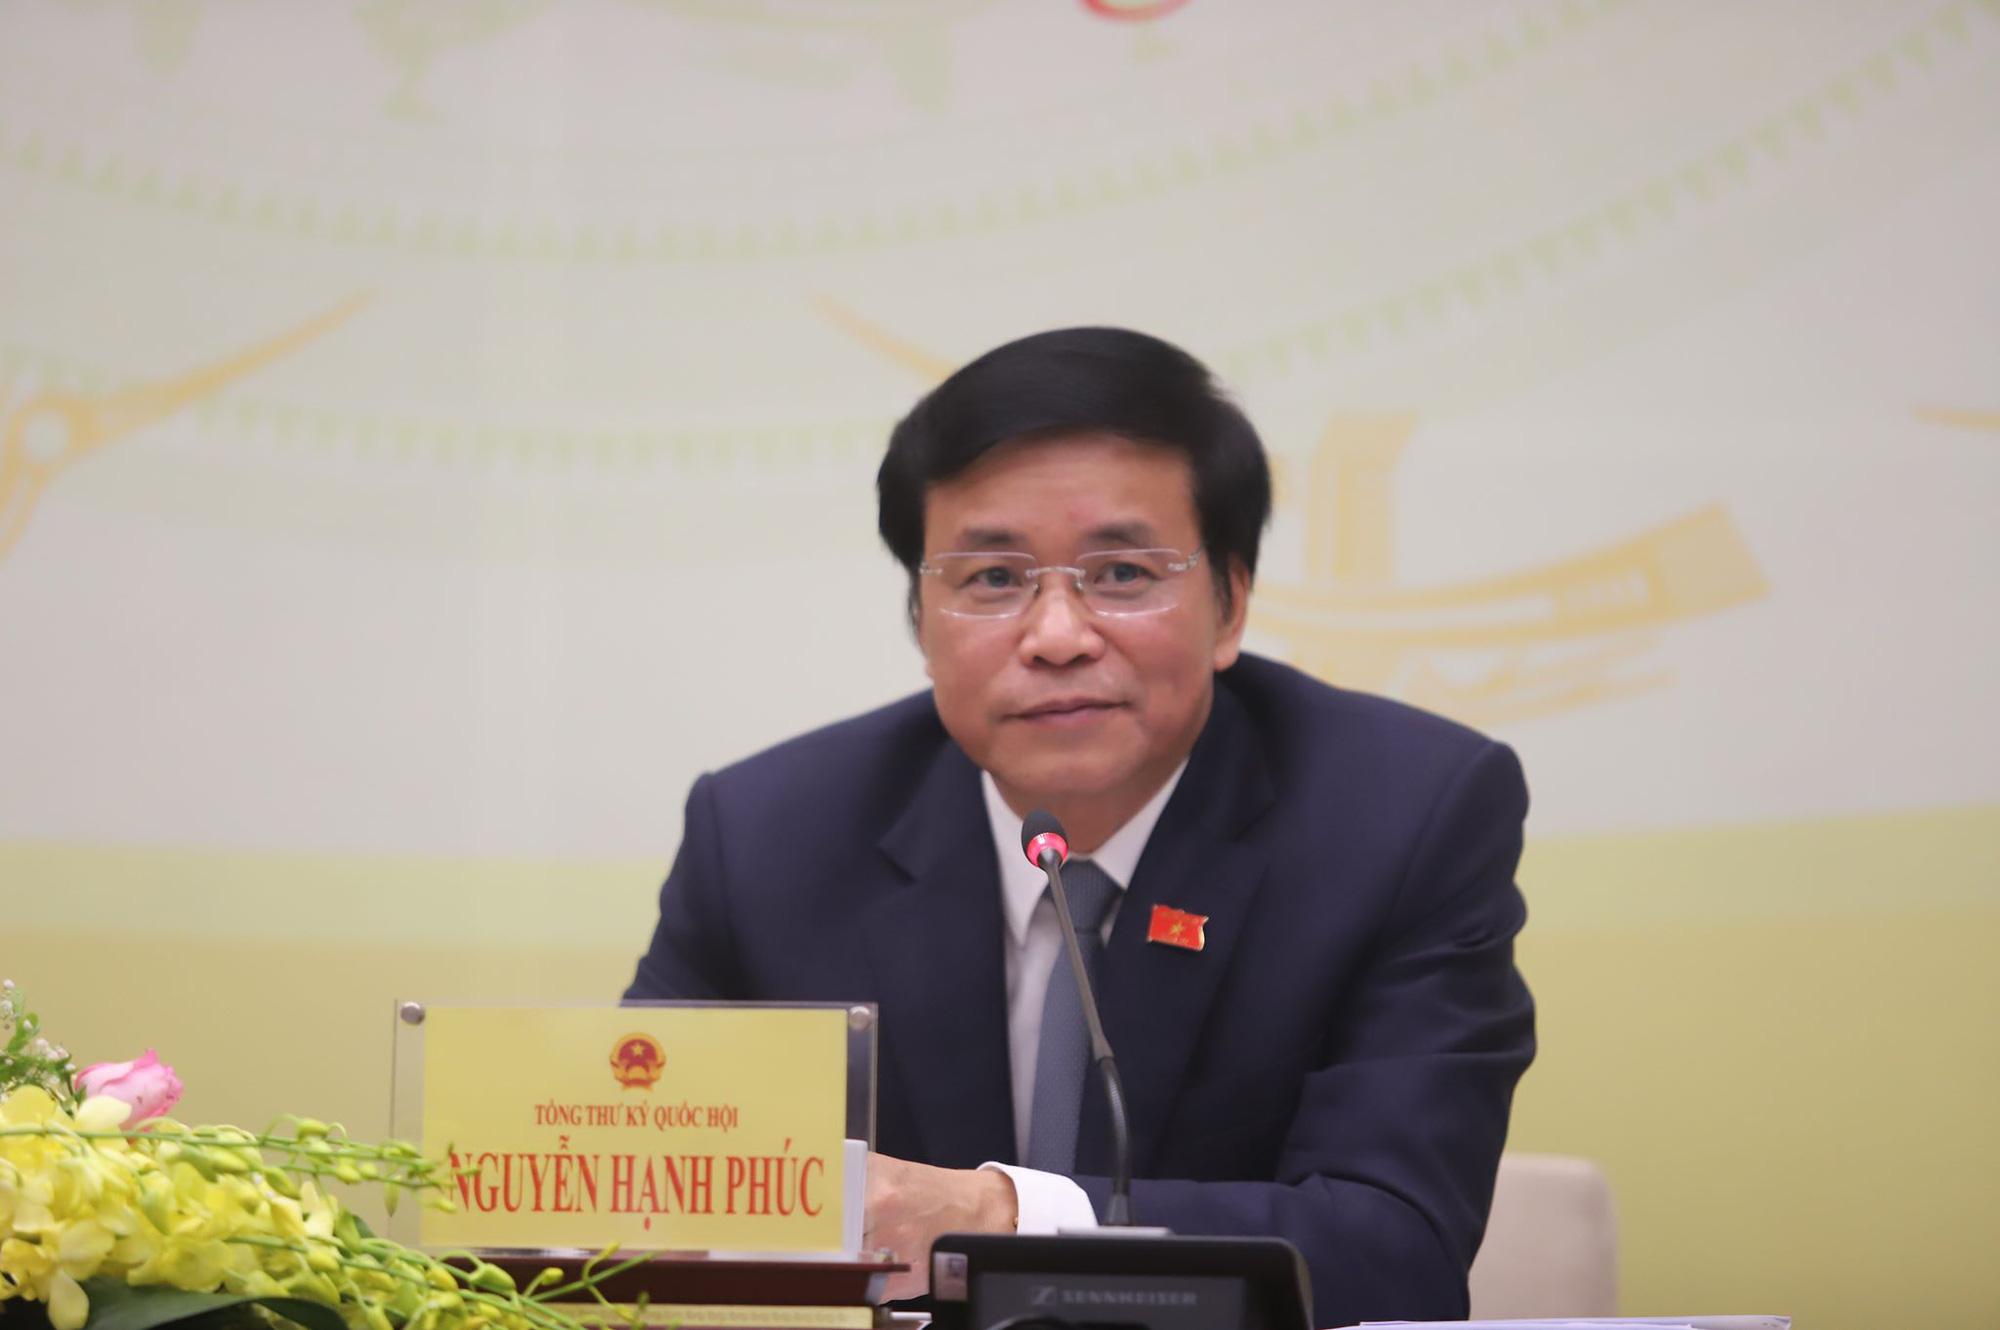 Tổng Thư ký Quốc hội: Ủy ban Thường vụ Quốc hội sẽ nghe báo cáo vụ Hồ Duy Hải và quyết định - Ảnh 1.